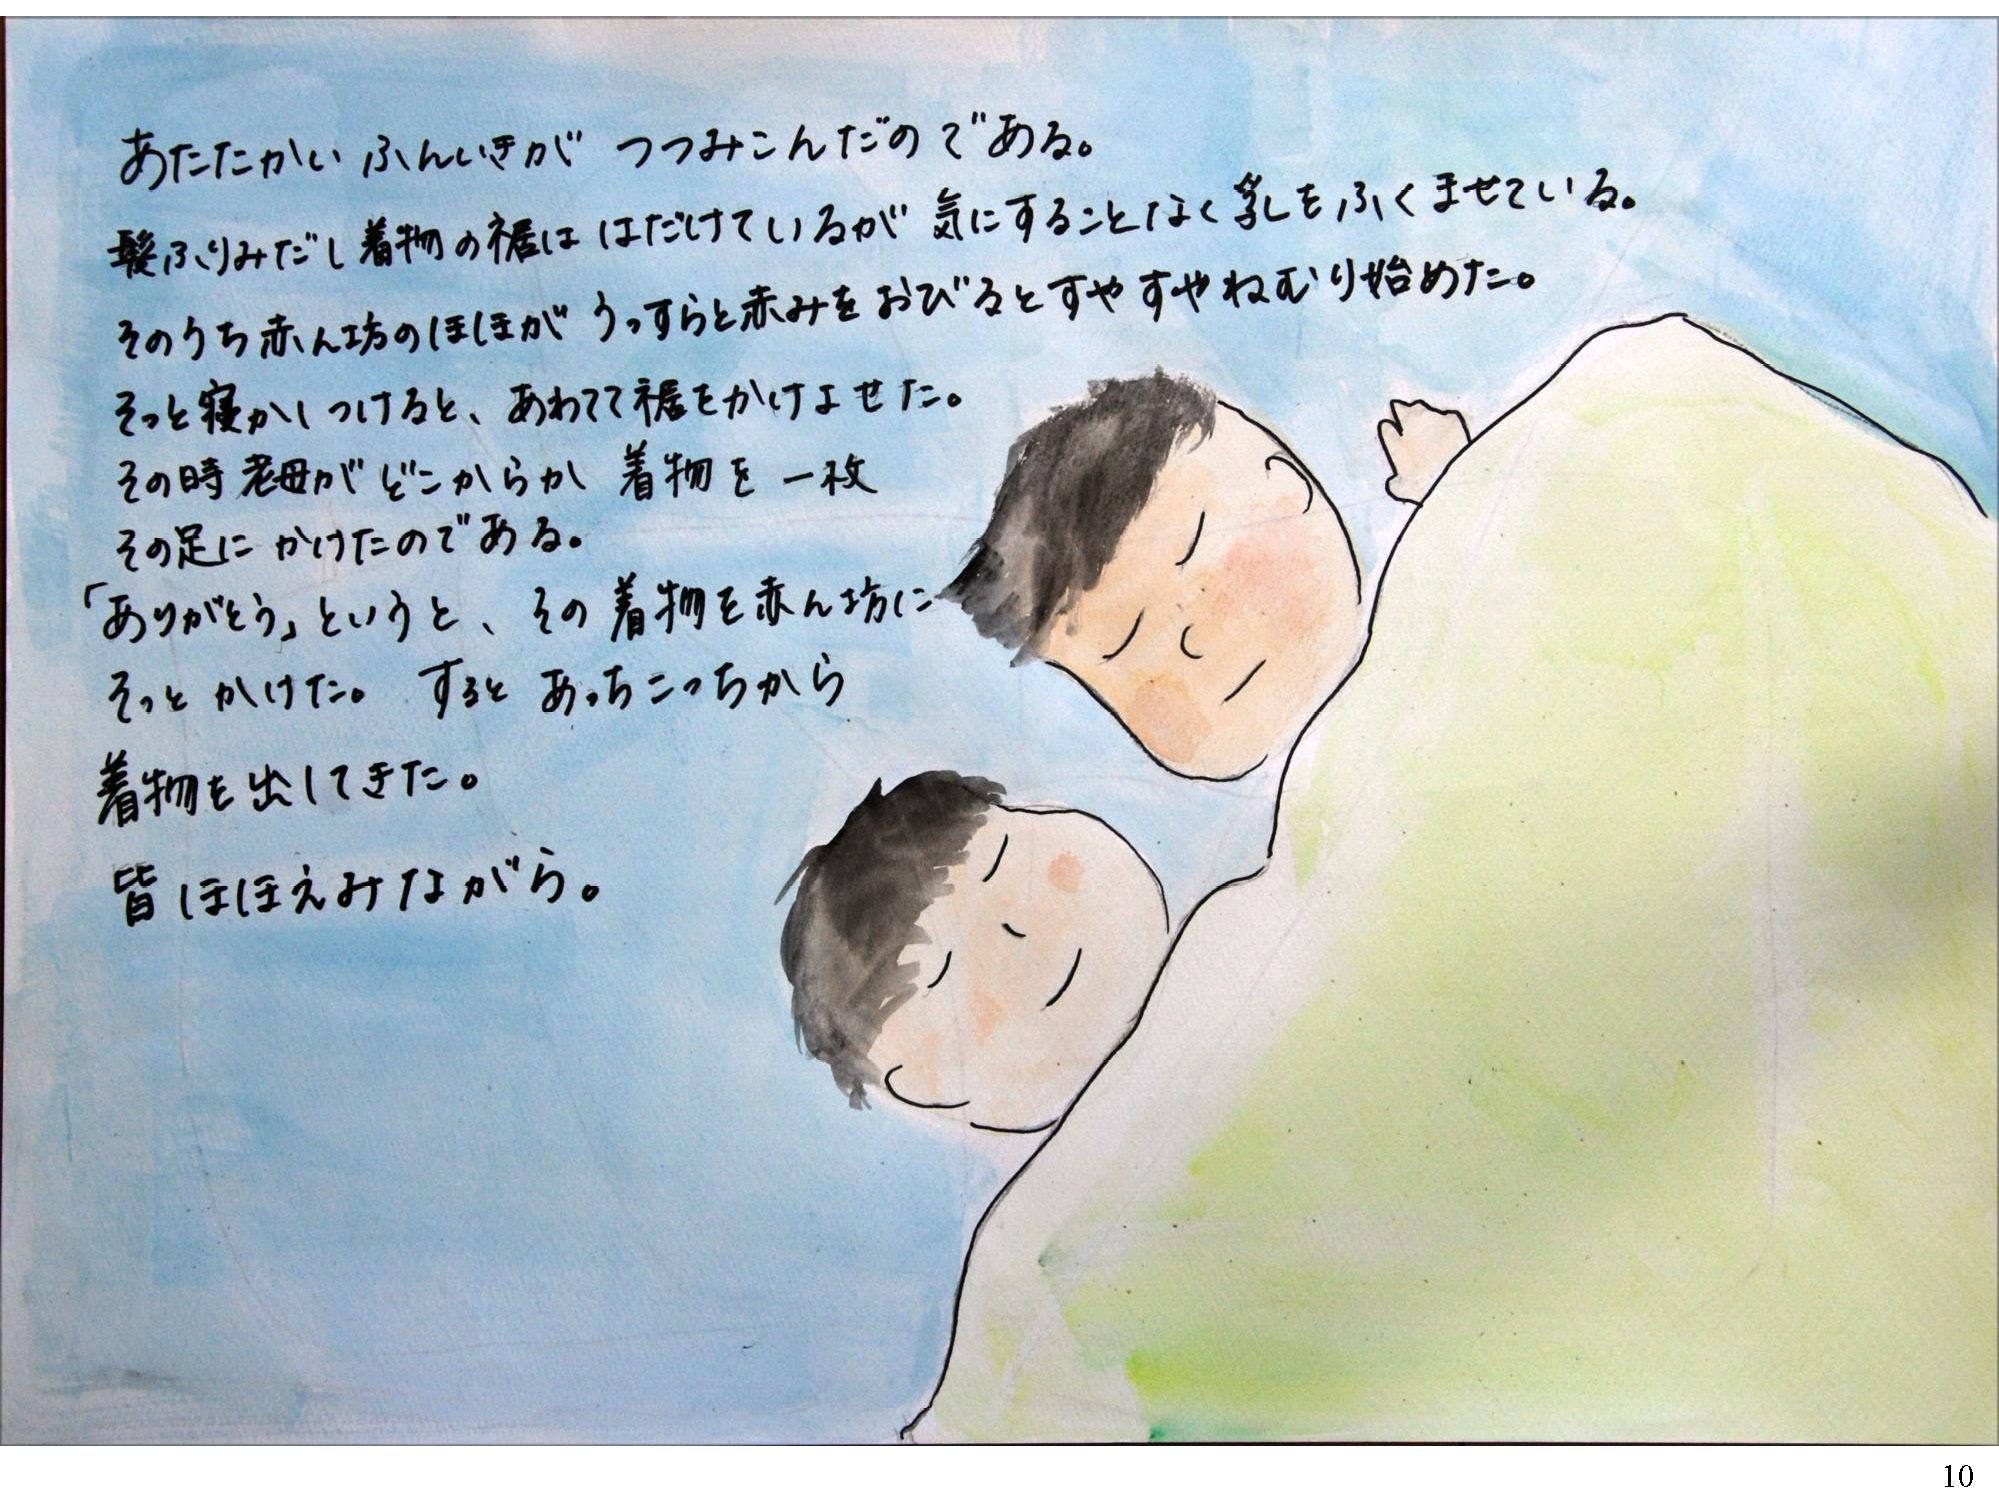 kamisibai-03_ページ_10